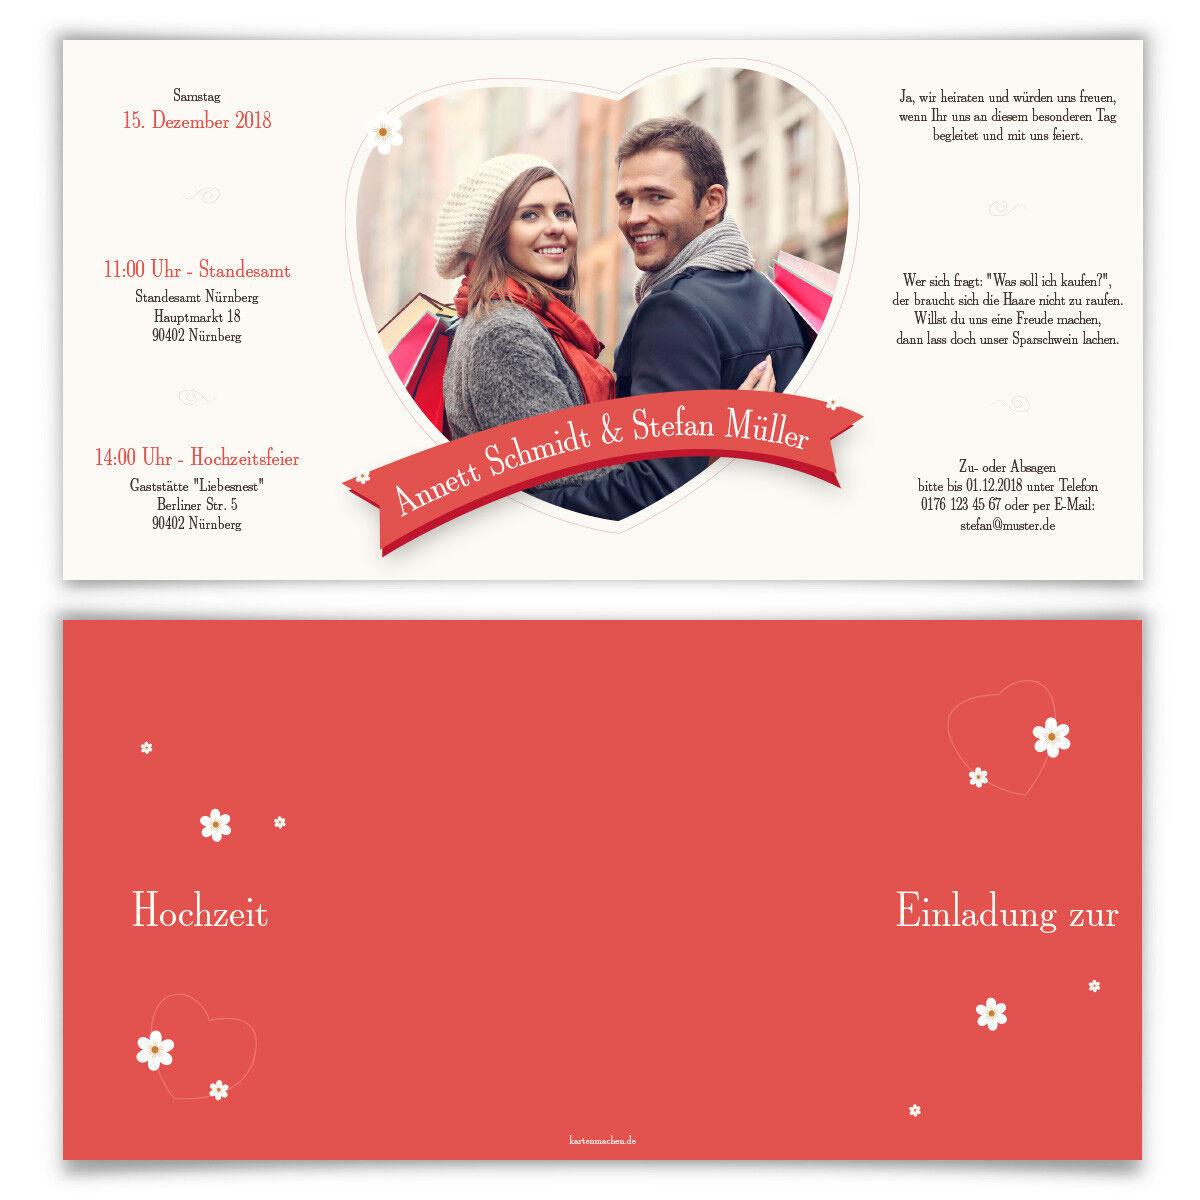 Hochzeitseinladungen Hochzeit Einladungskarten Einladungskarten Einladungskarten Einladung - Gänseblümchen Liebe 2a16d0